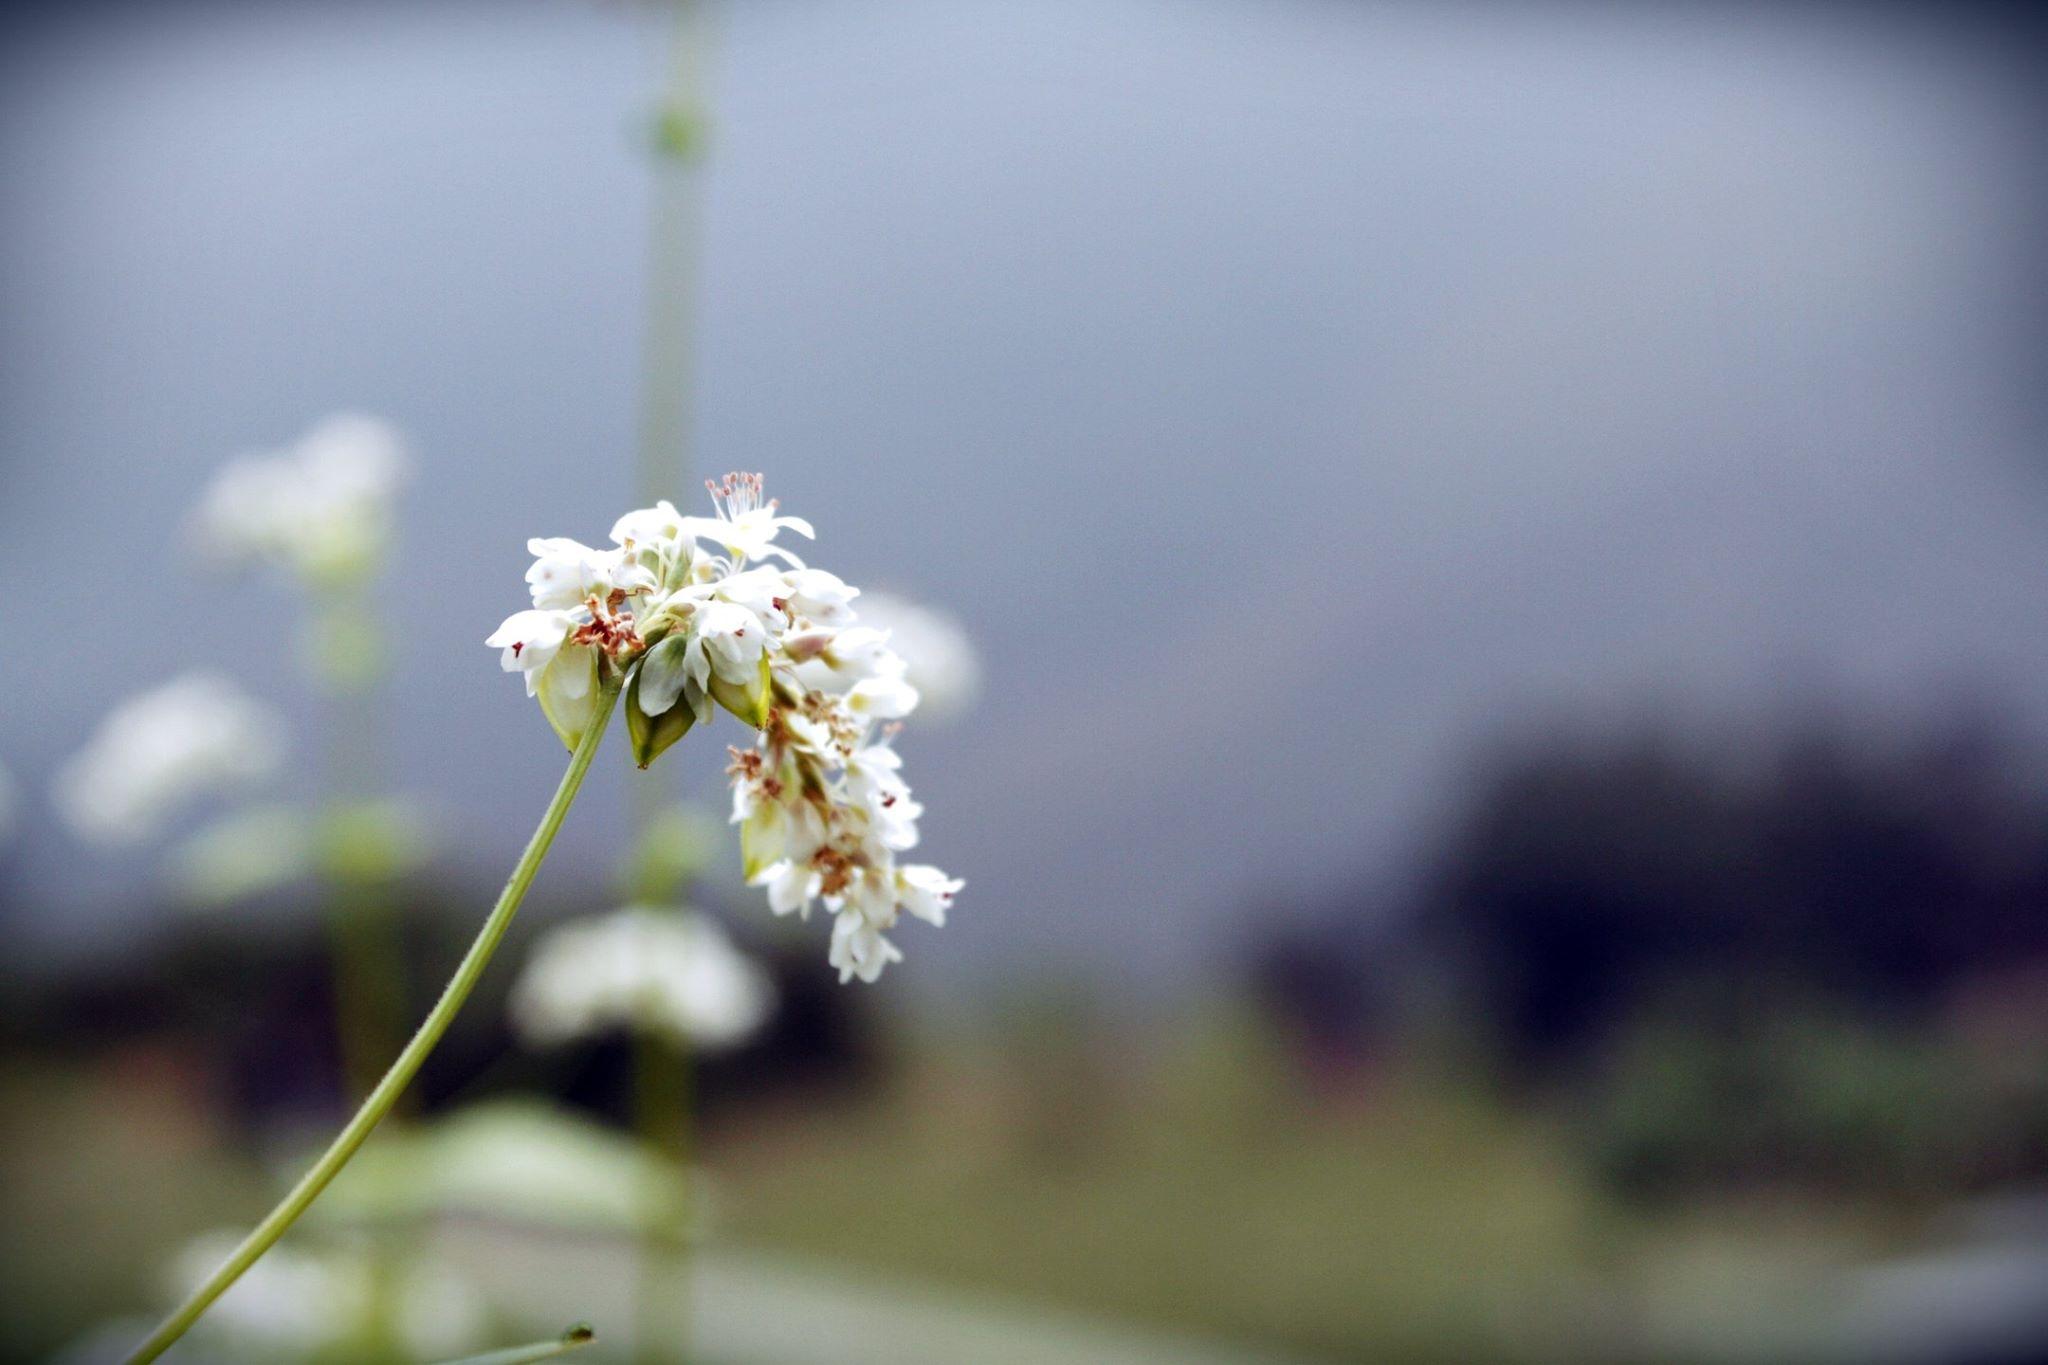 Lên Hà Giang tham gia Lễ hội hoa tam giác mạch lớn nhất năm tháng 10 này